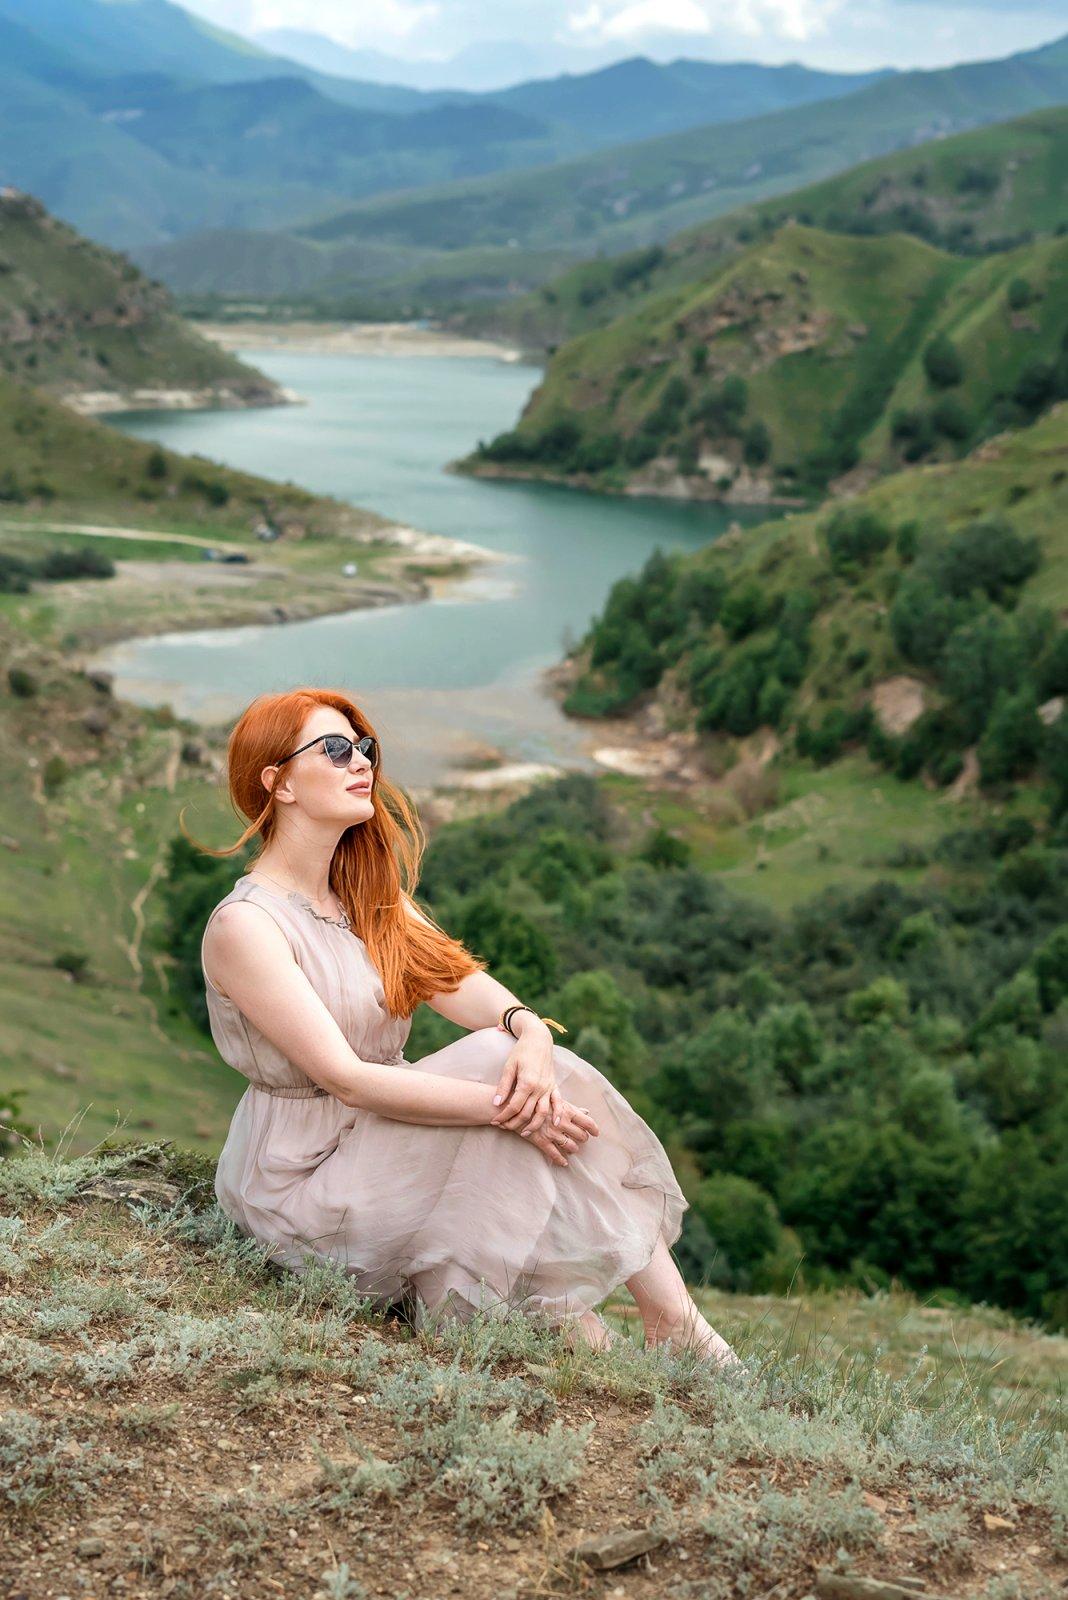 Фото туры по Кавказу и КМВ